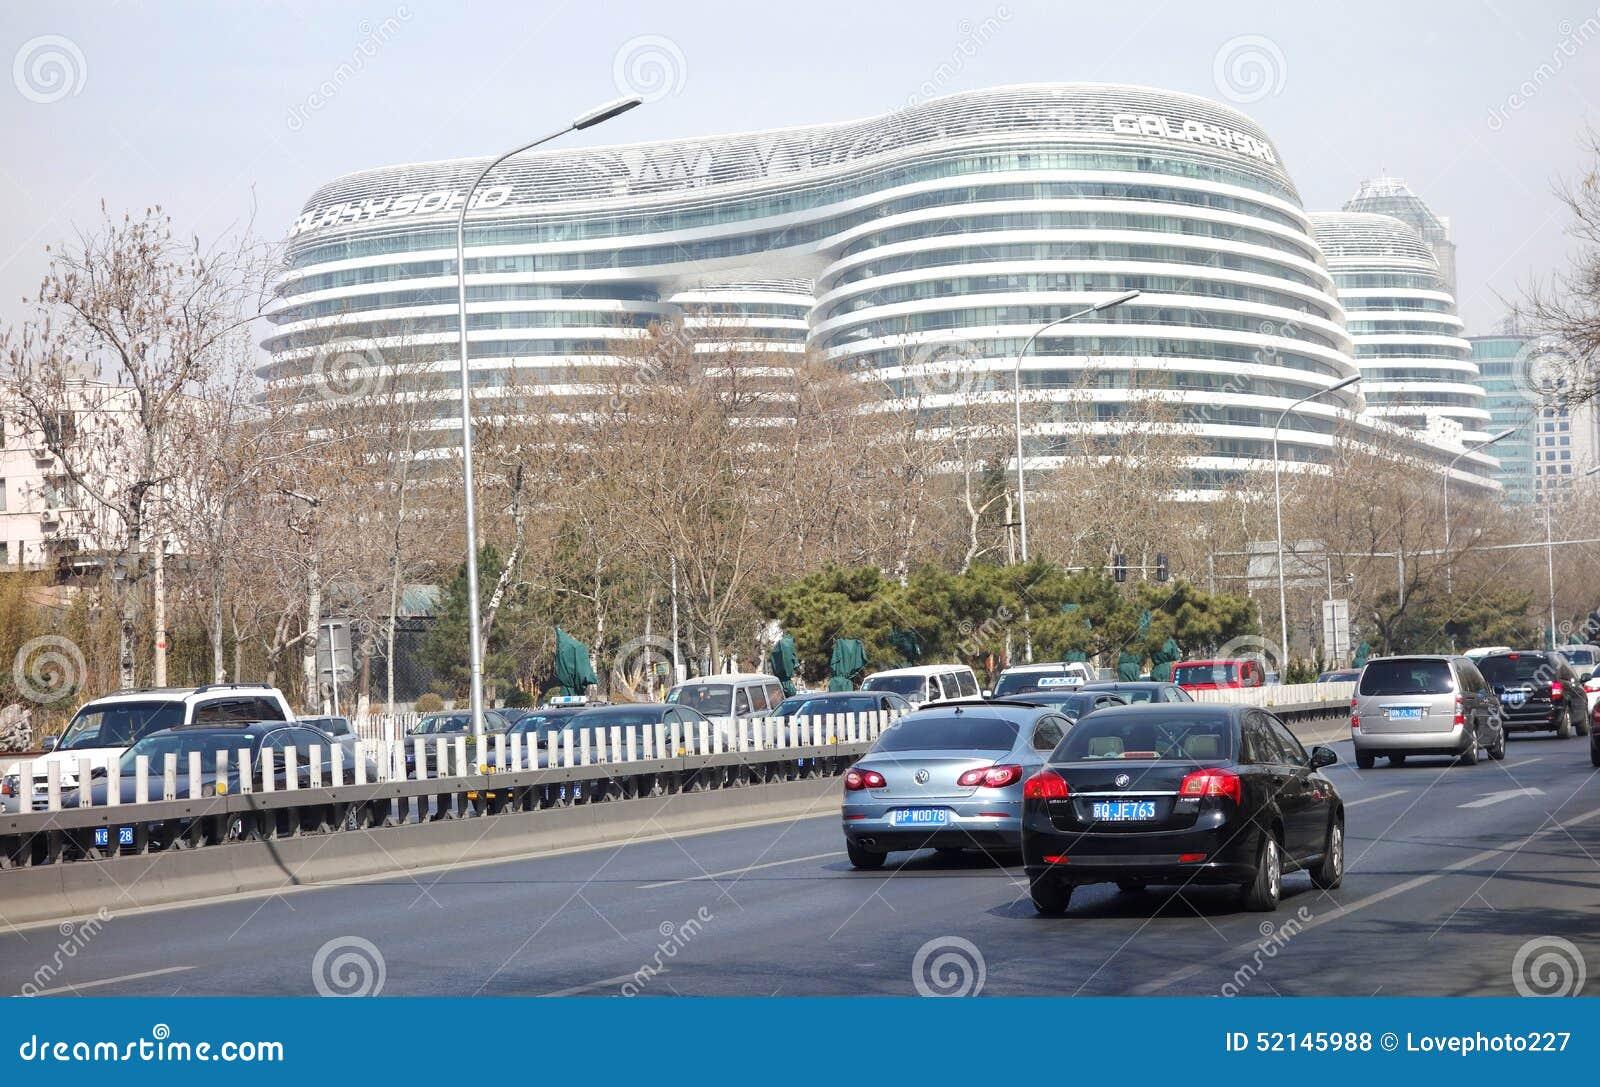 Modern building in Beijing